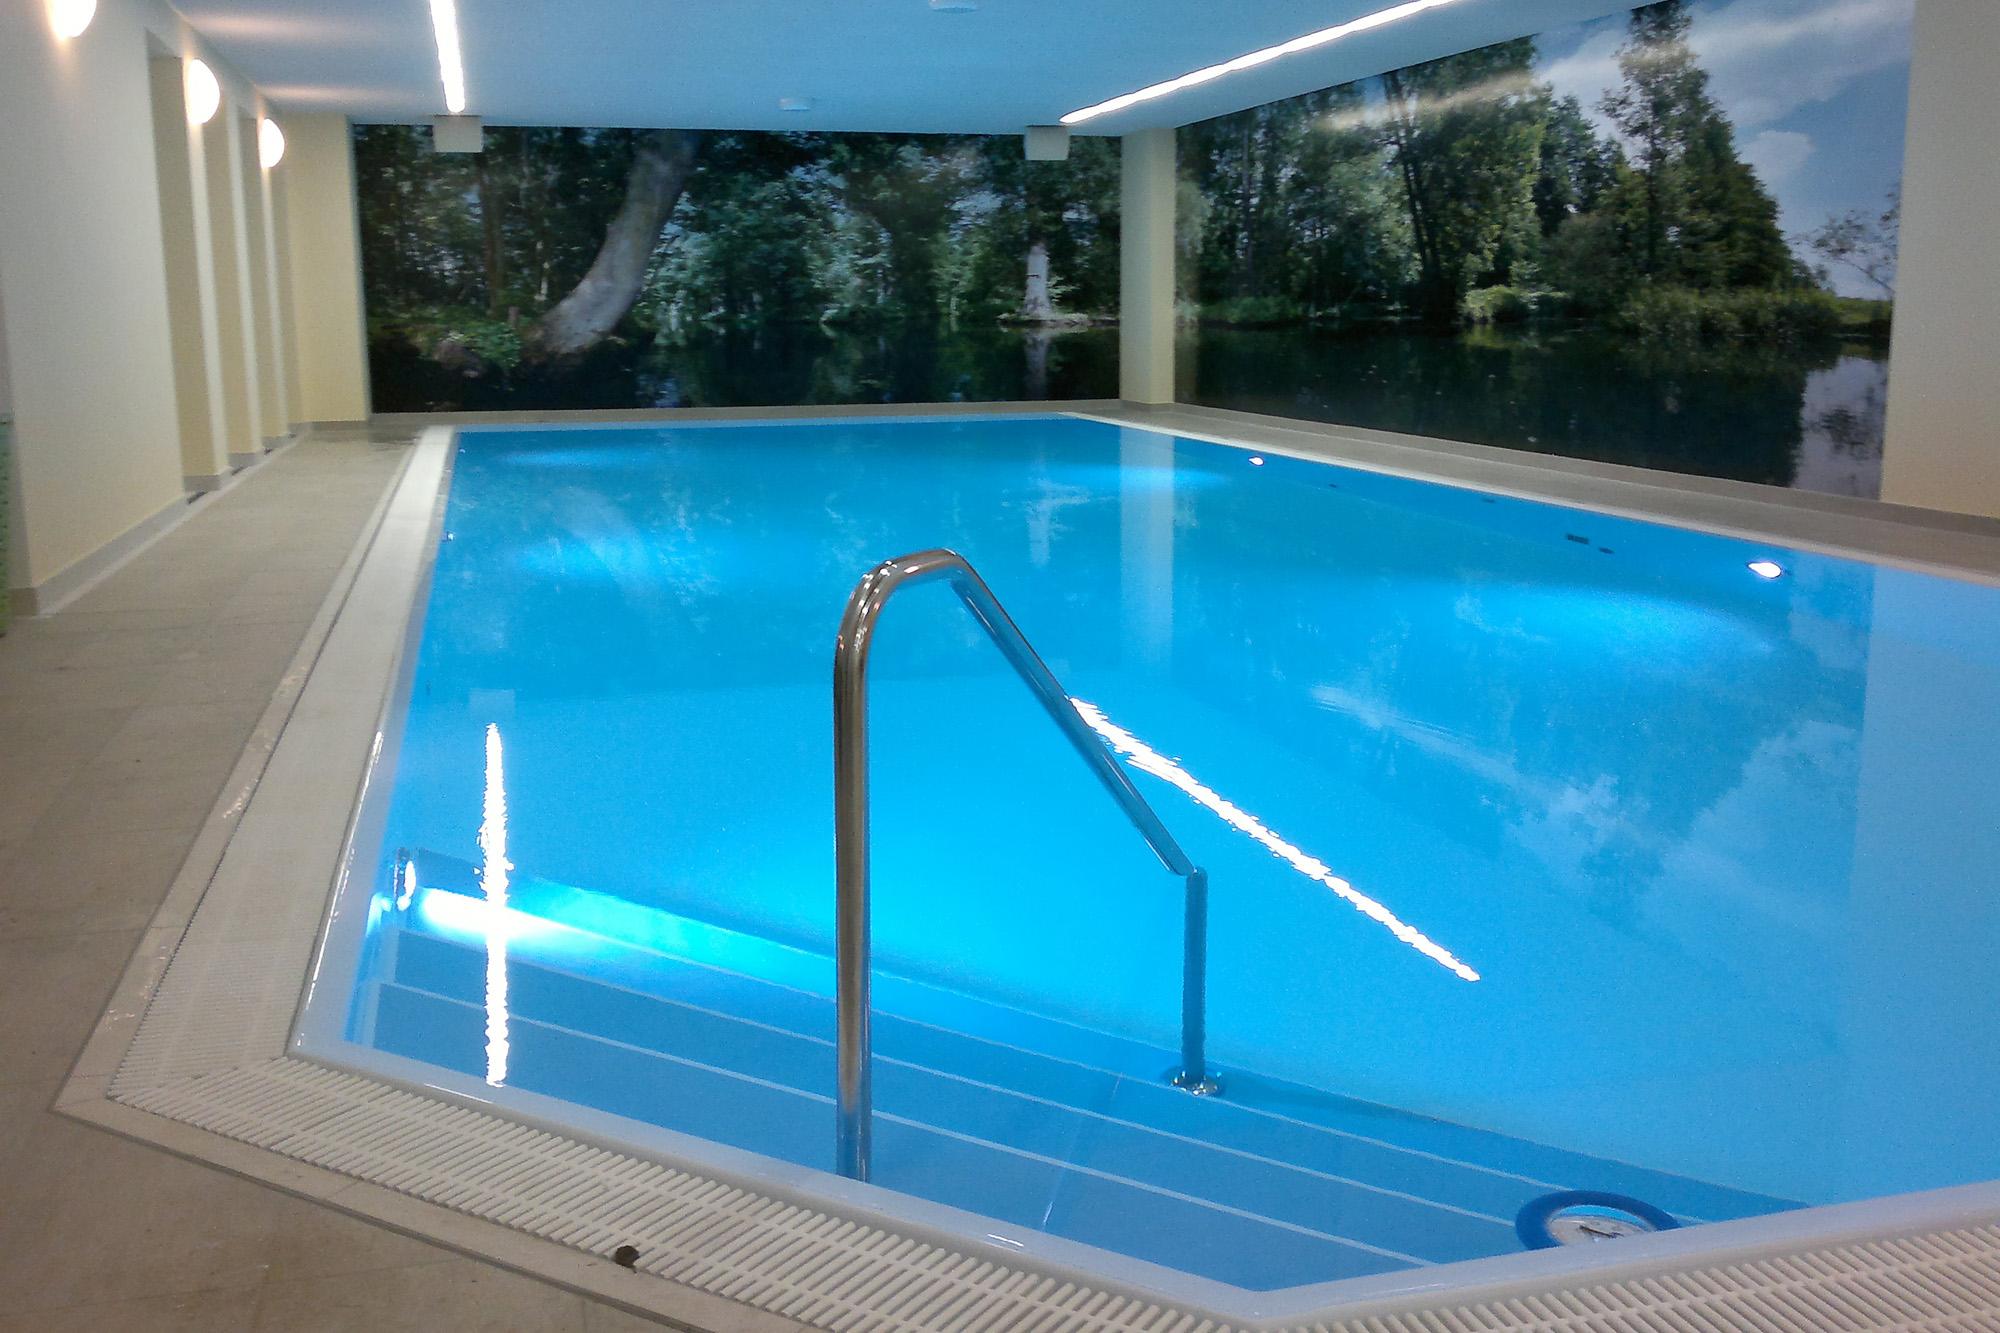 beispielsweise mit abgeschrägter Schwimmbadtreppe